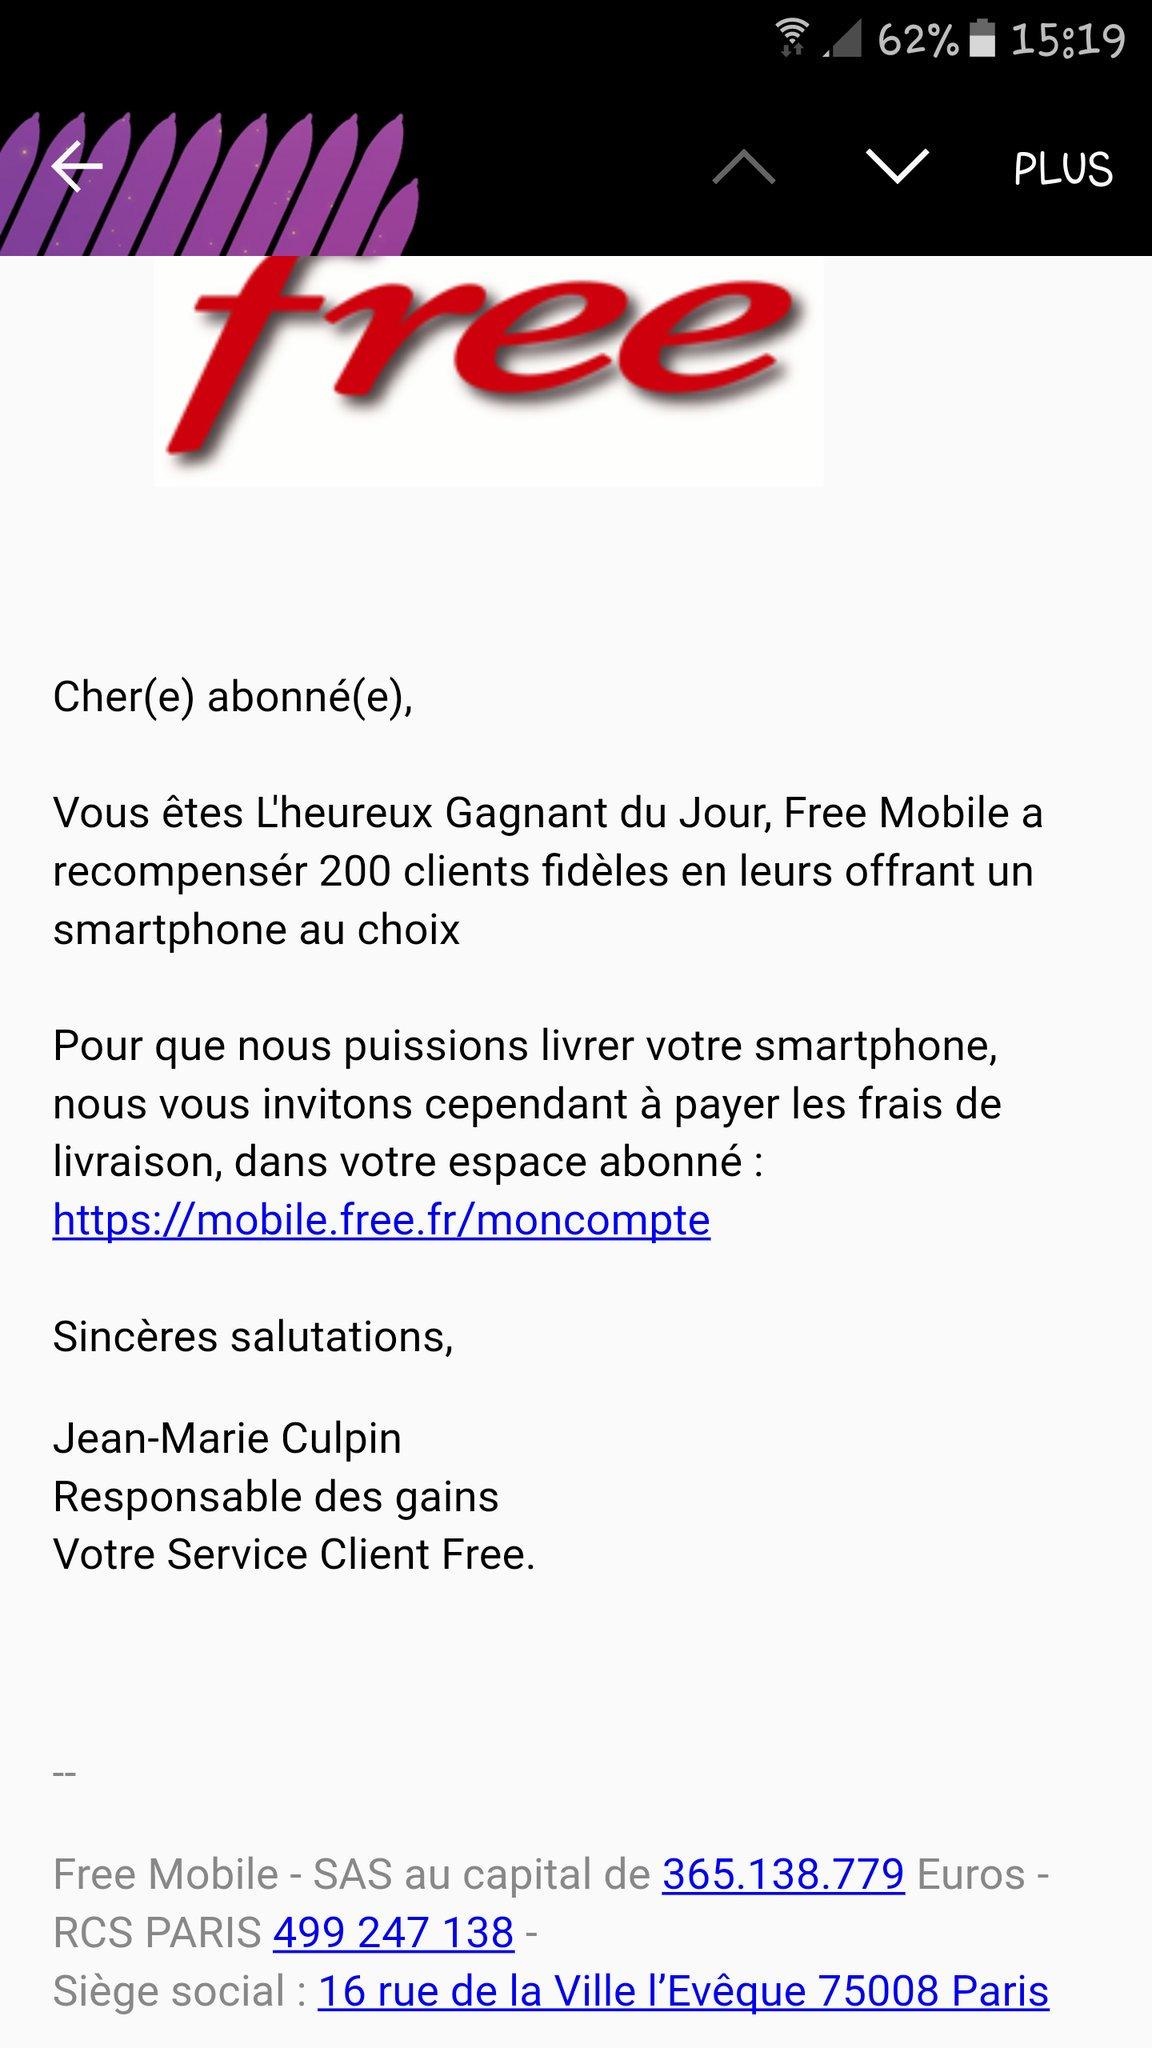 arnaque 4g free